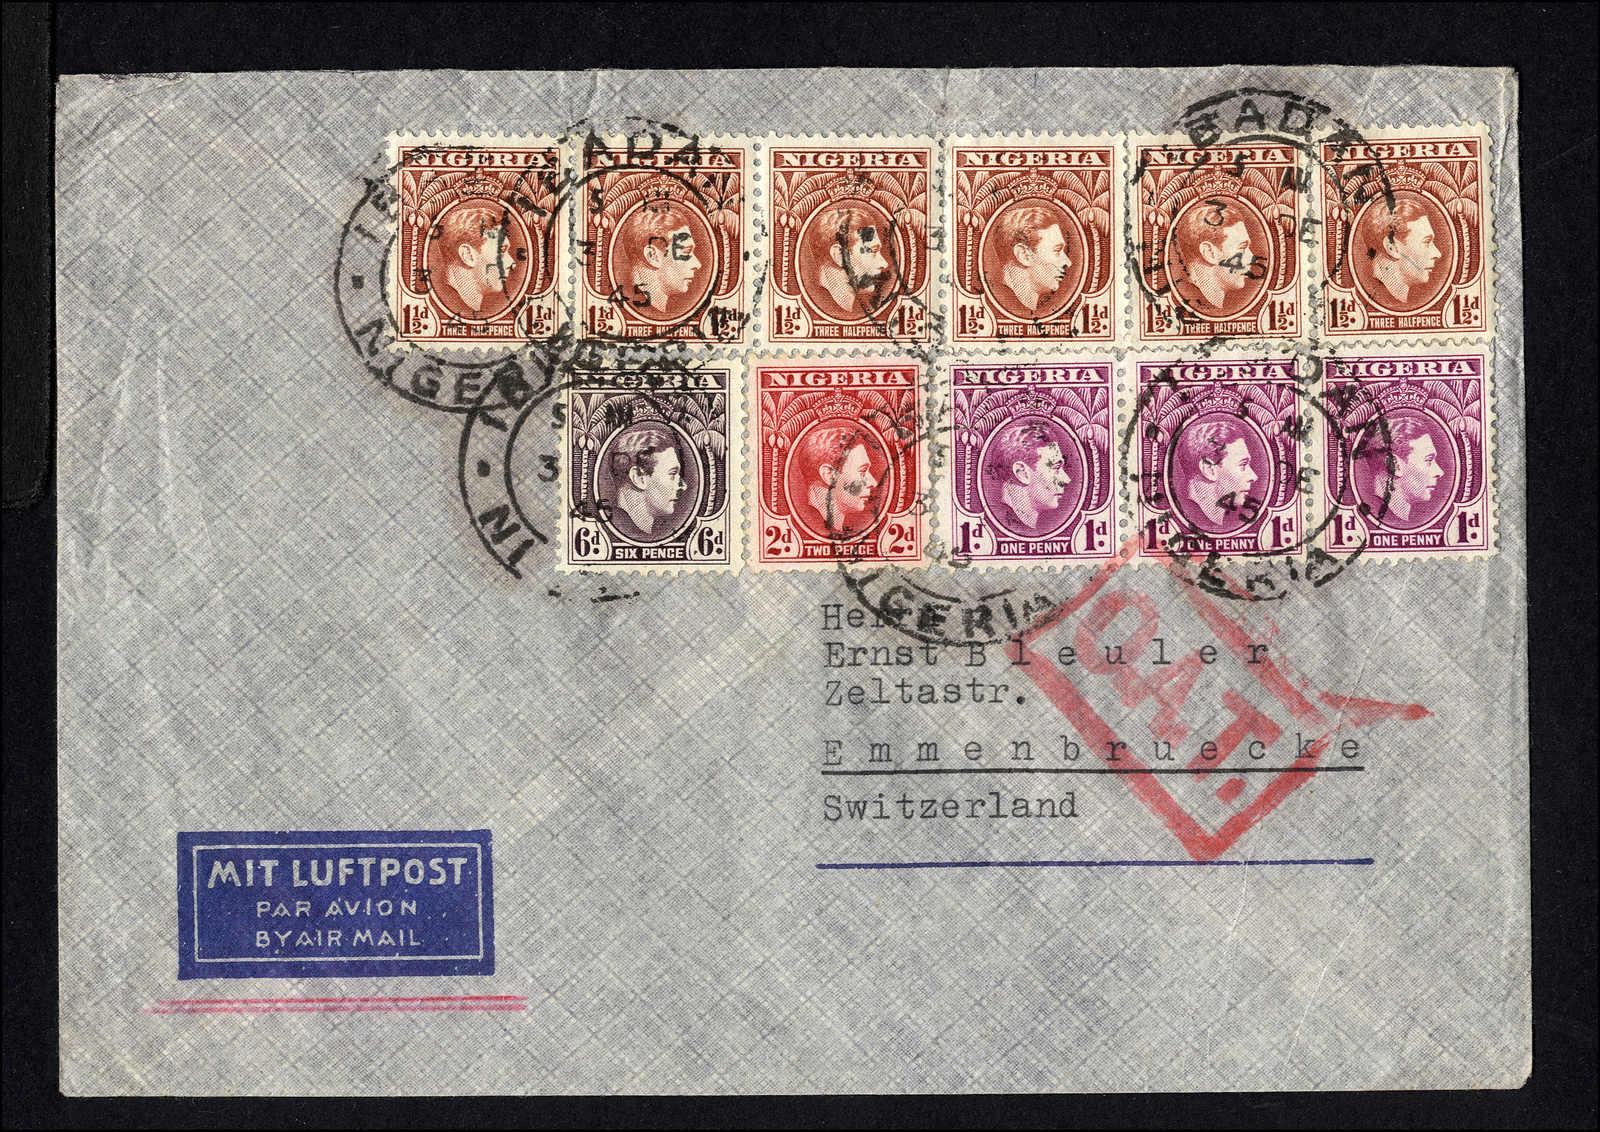 Lot 178 - schweiz schweiz -  Rolli Auctions Auction #68 Day 1